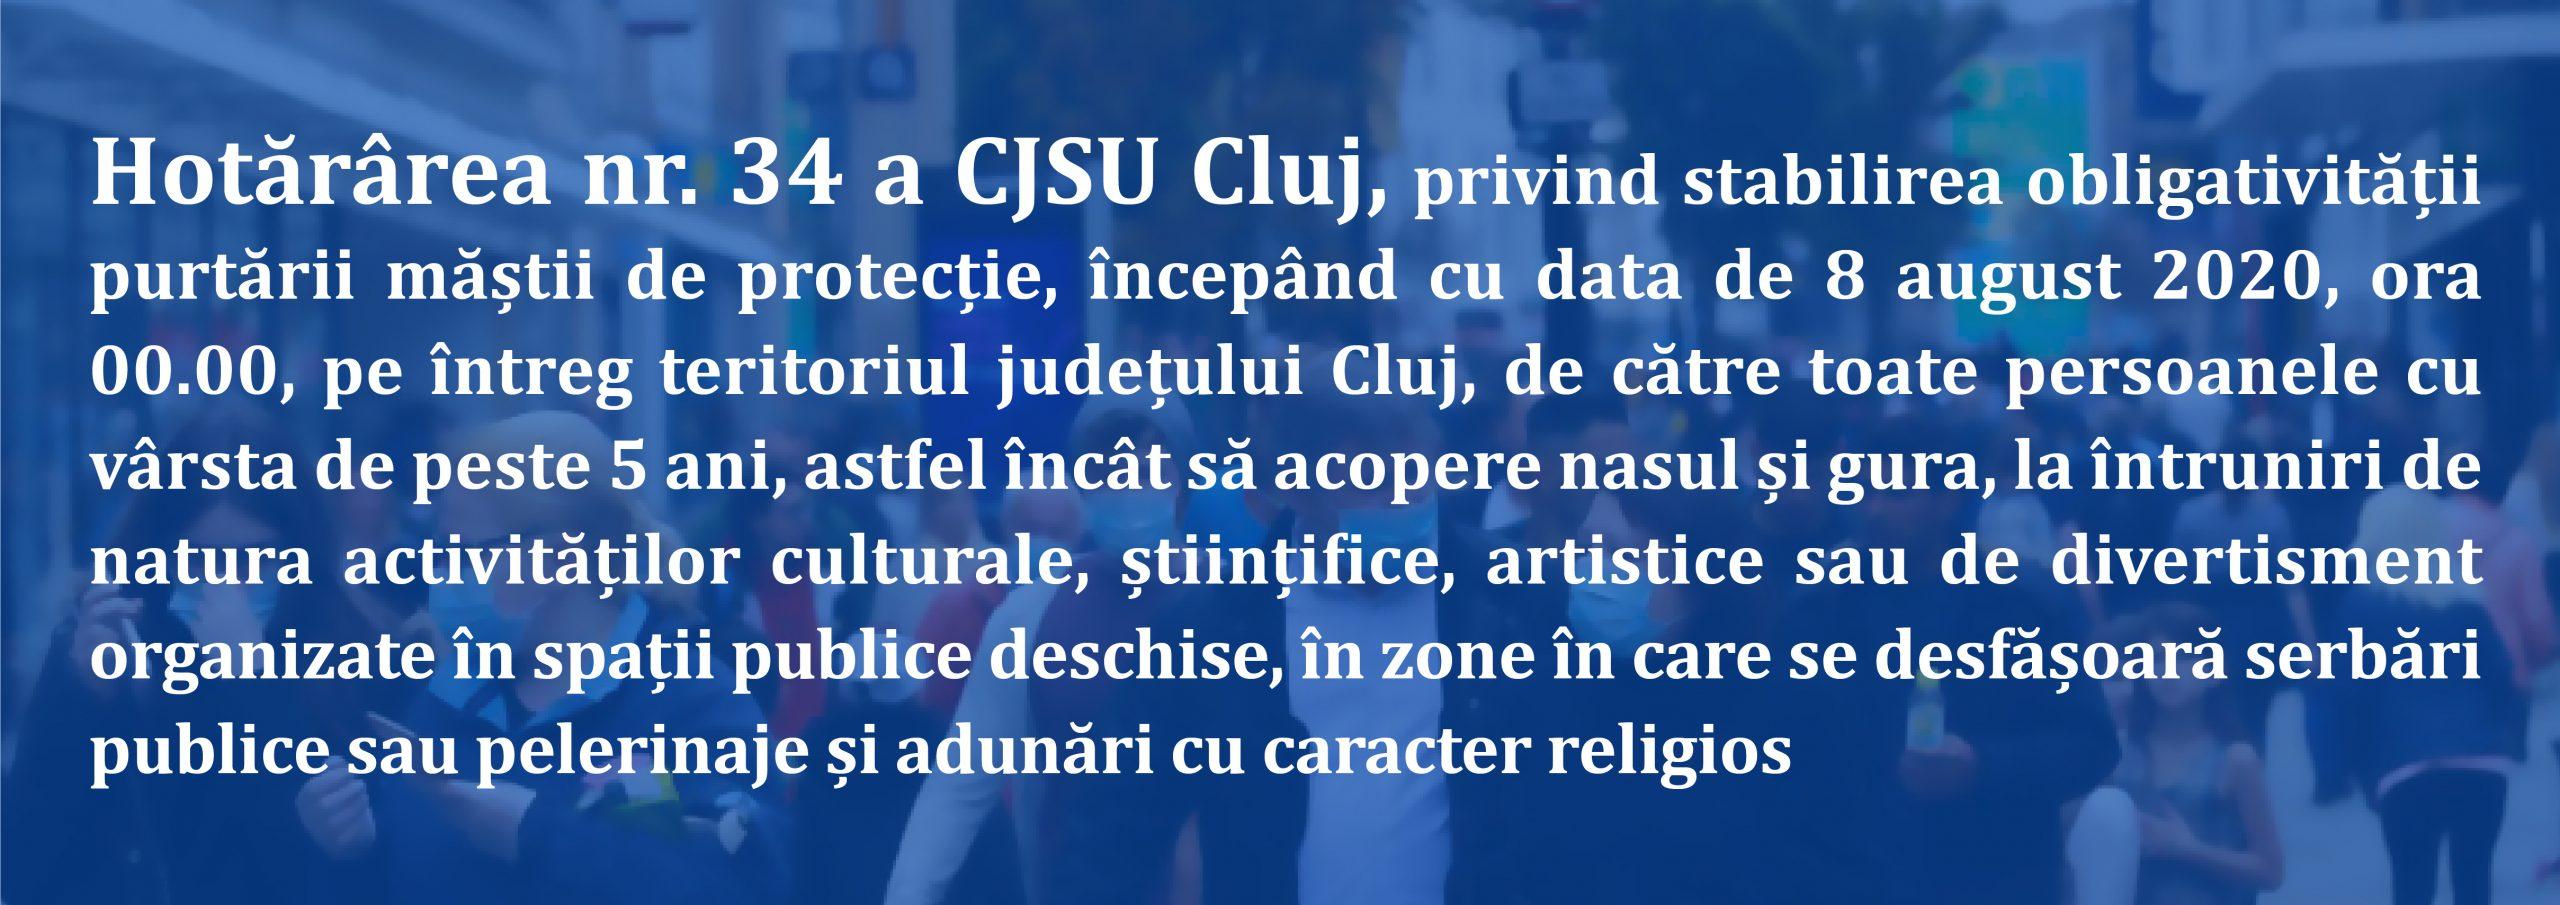 Hotărârea nr. 34 a CJSU Cluj